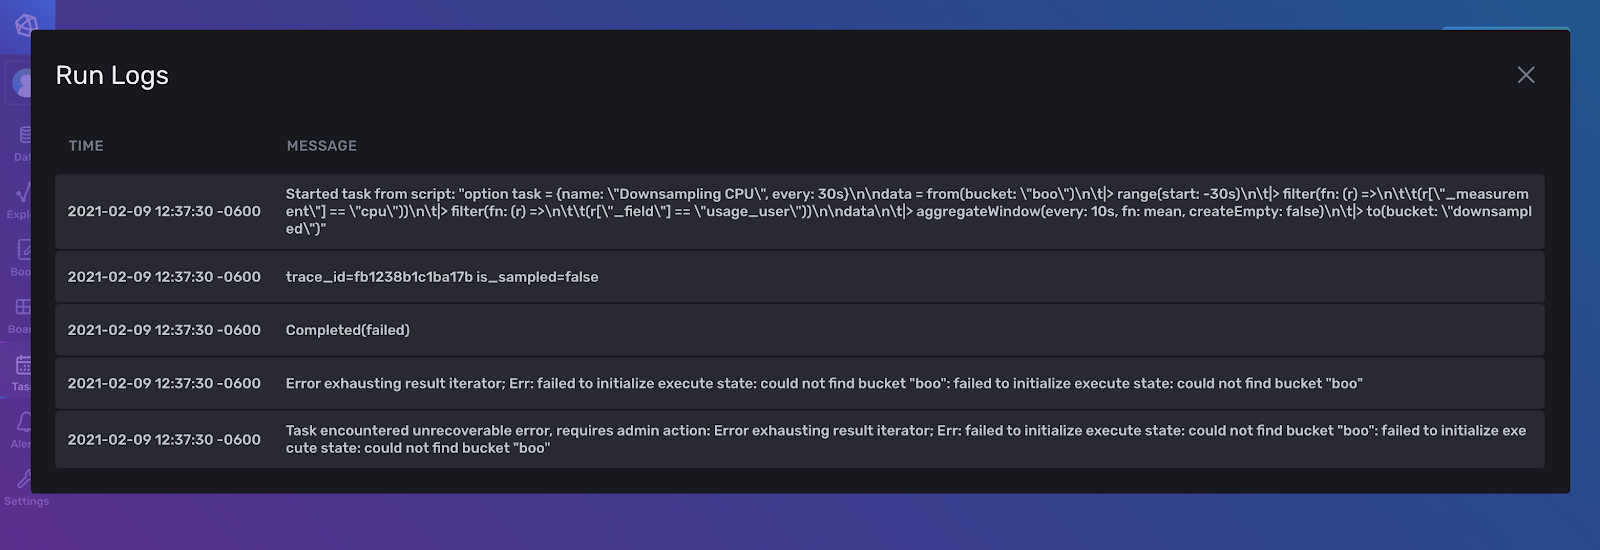 InfluxDB Run Logs screenshot